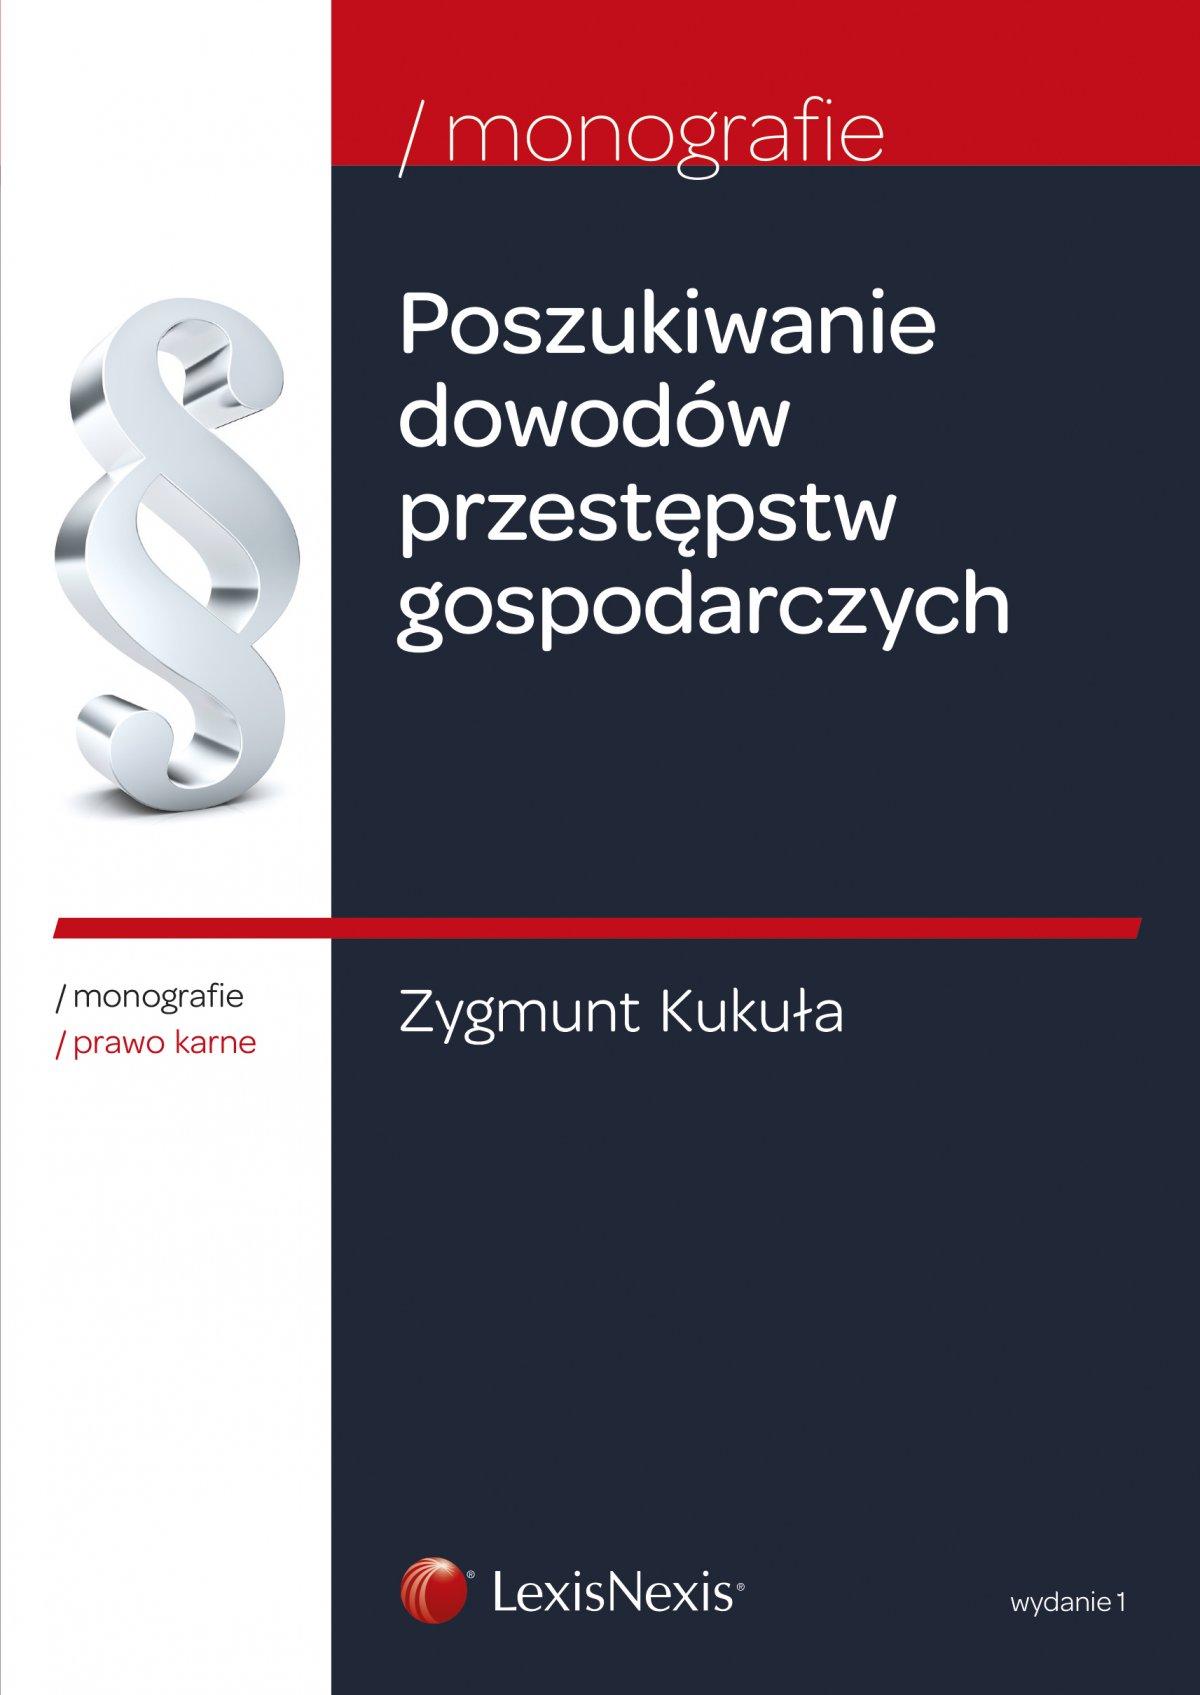 Poszukiwanie dowodów przestępstw gospodarczych - Ebook (Książka EPUB) do pobrania w formacie EPUB